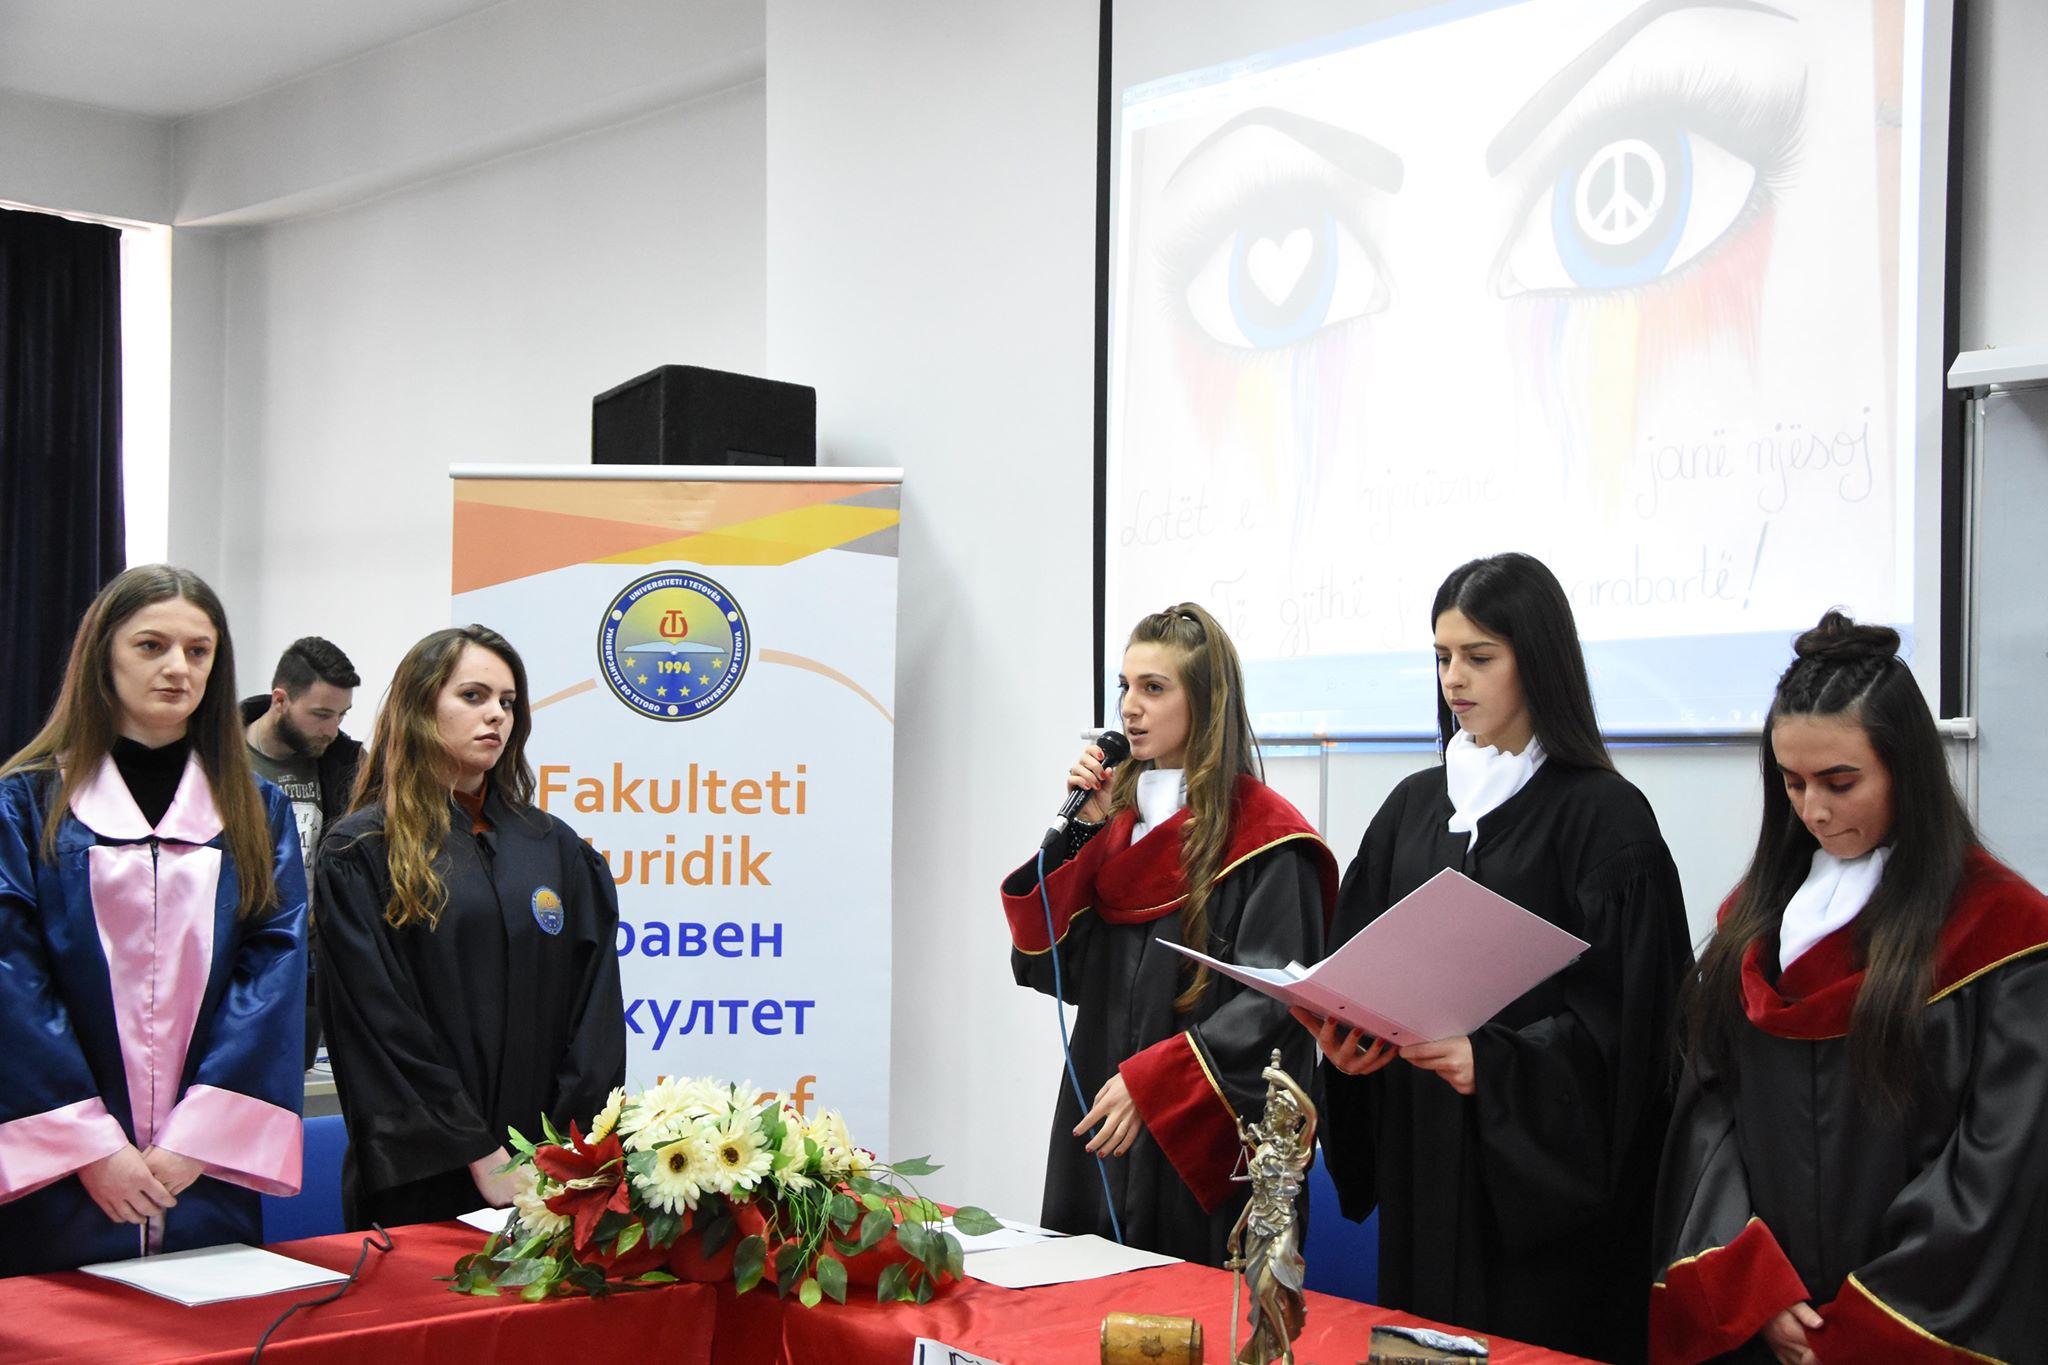 Studentët e Fakultetit Juridik të Universitetit të Tetovës organizuan seancë të improvizuar gjyqësore